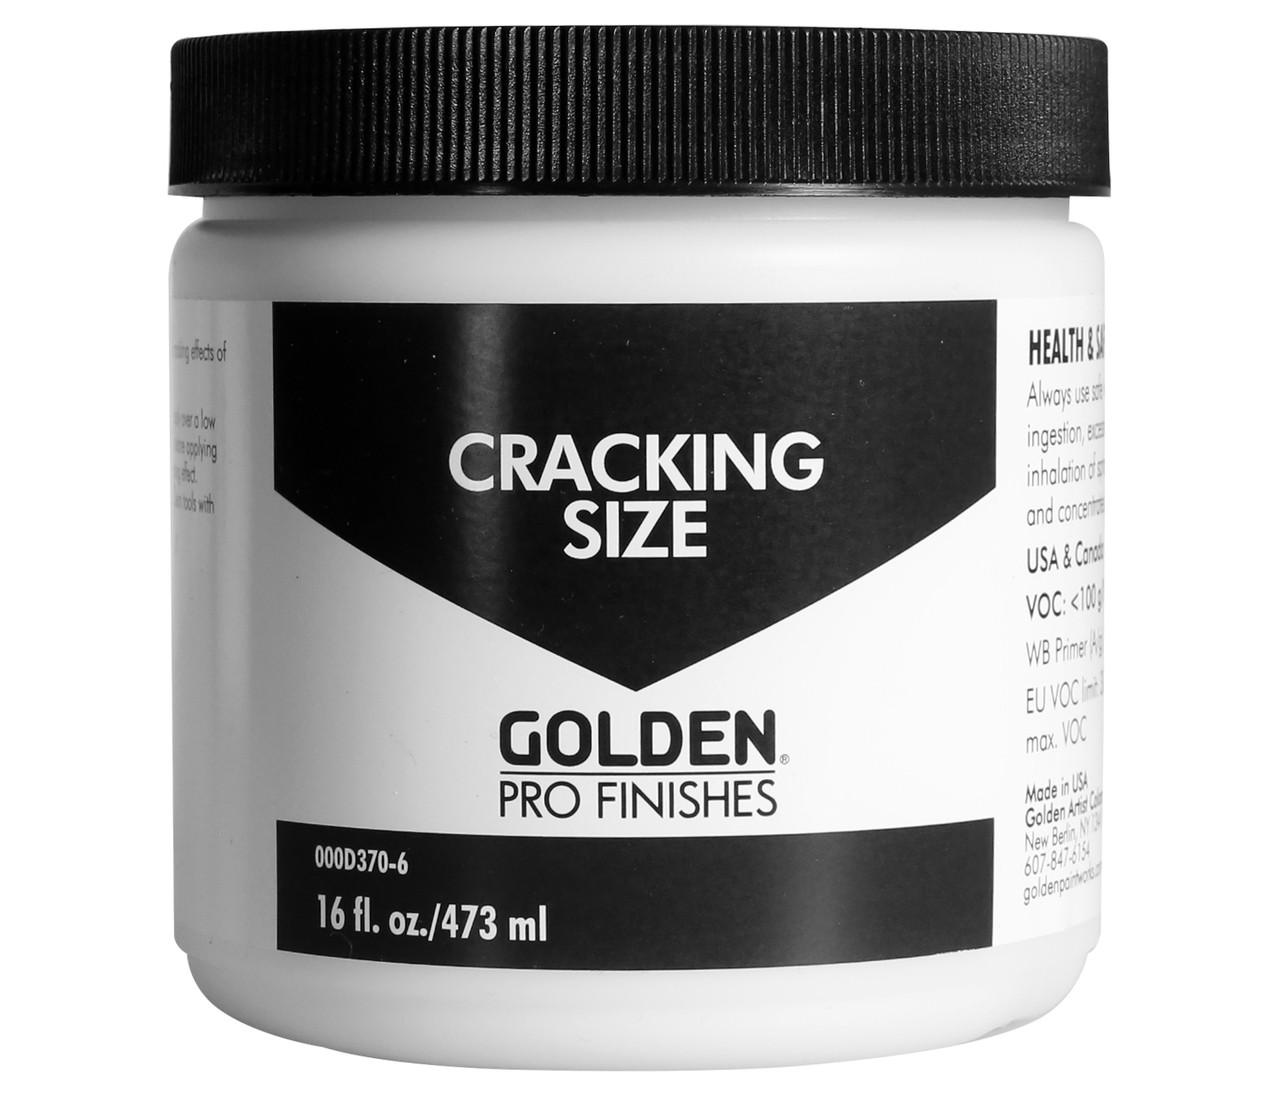 Golden Pro Finish Cracking Size